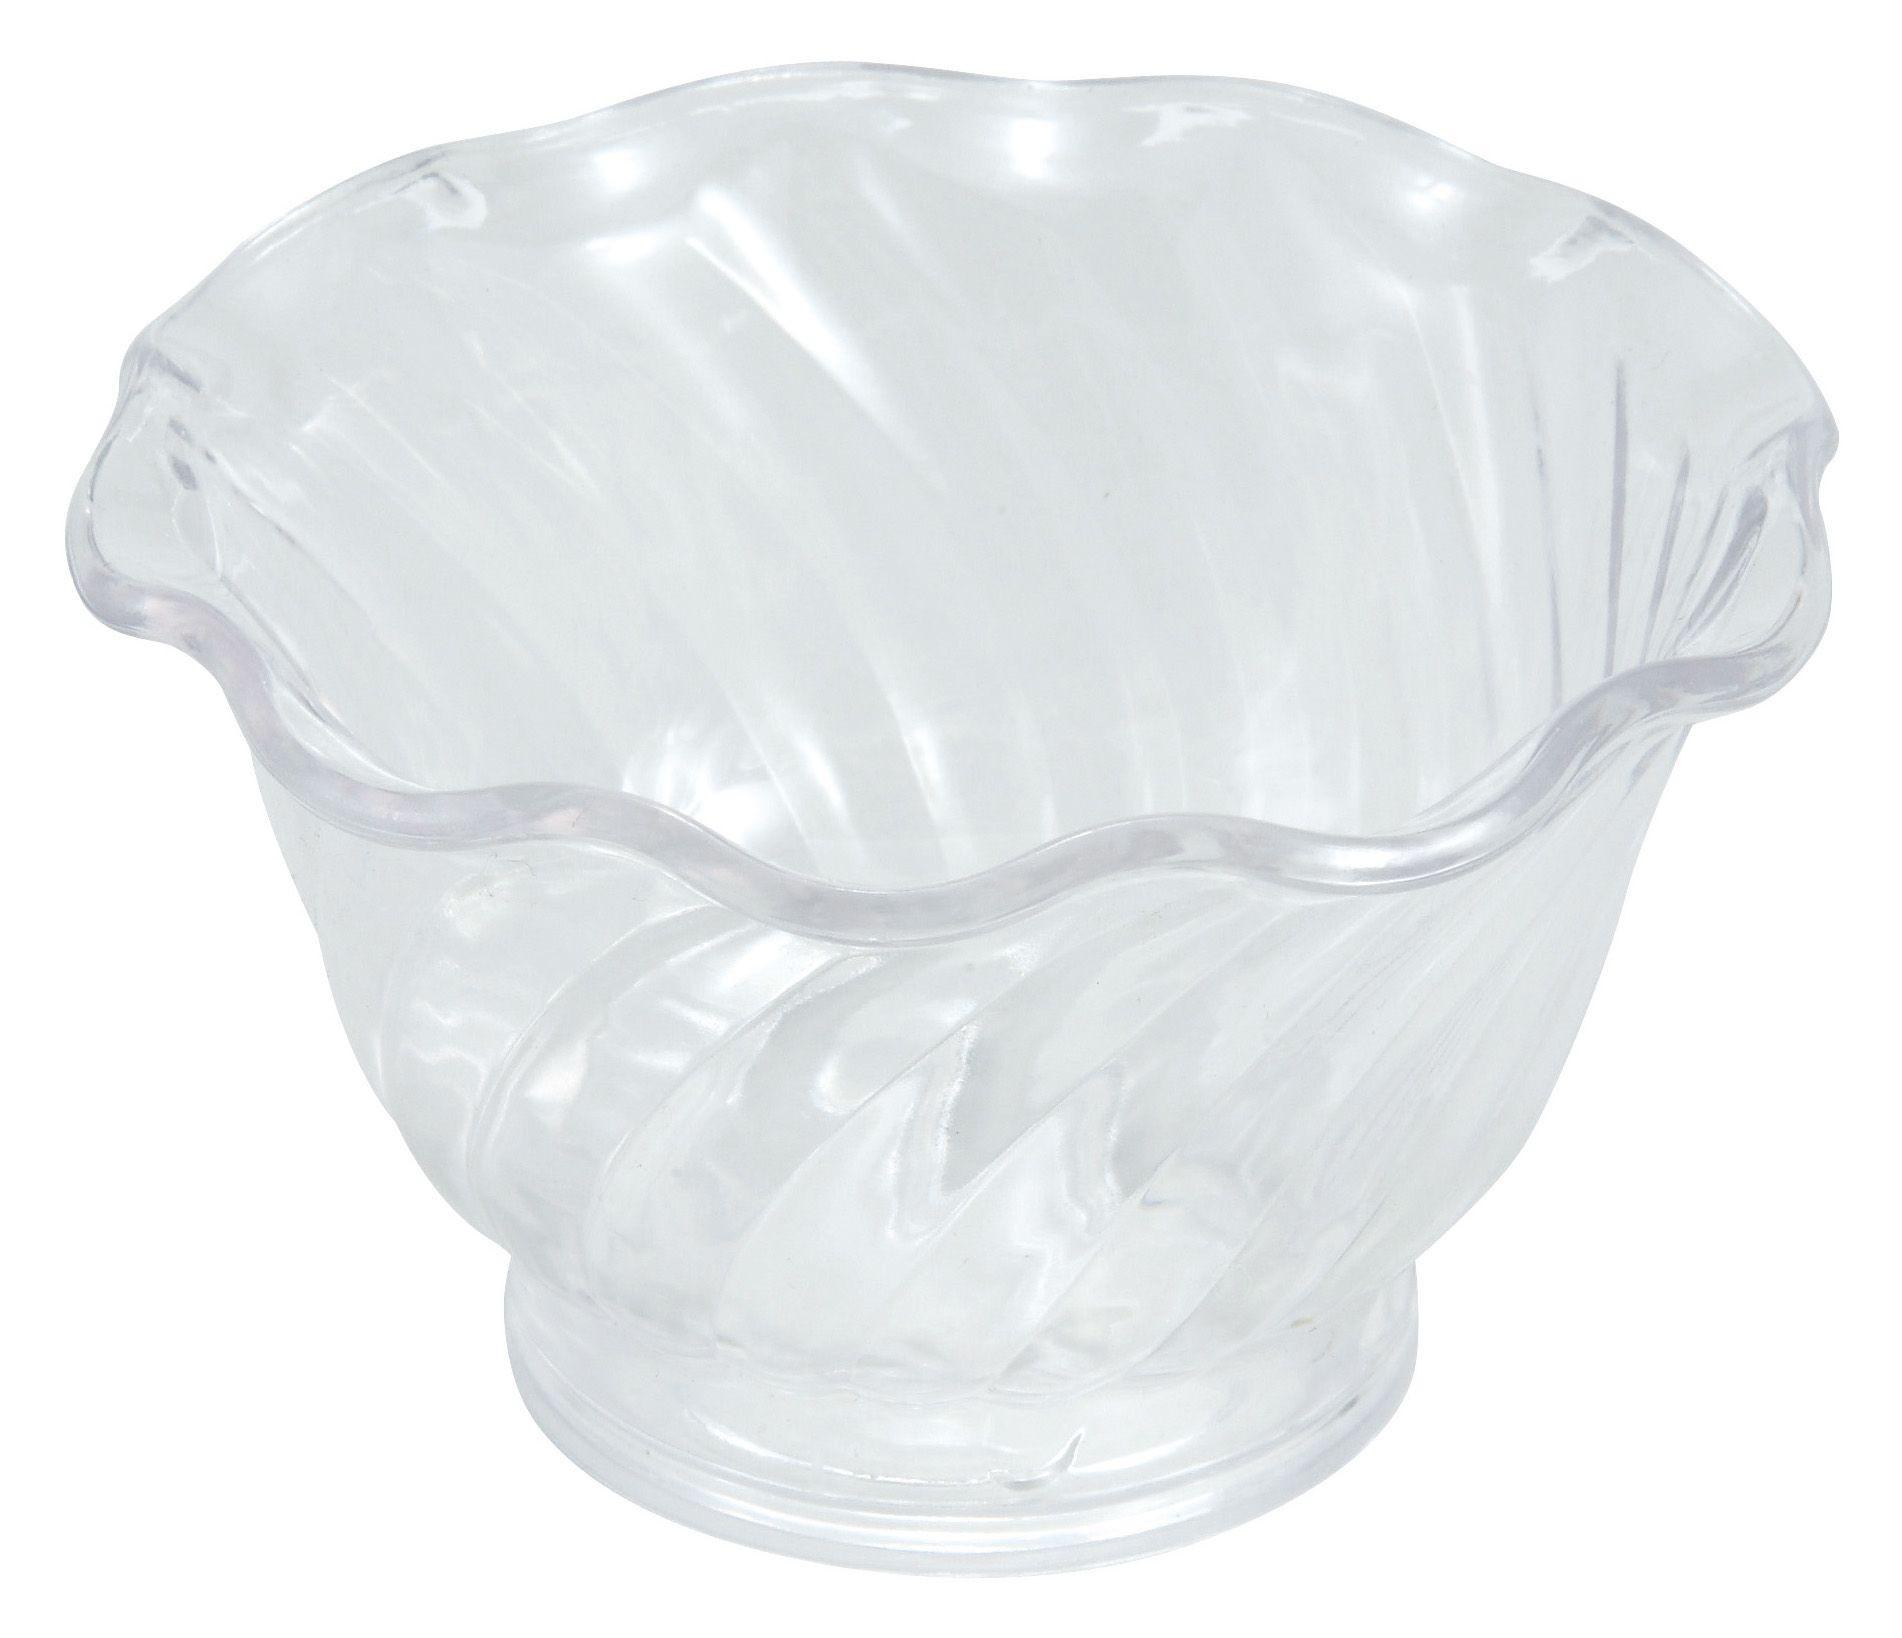 Winco ICC-5C Clear Plastic 5 oz. Ice Cream/Berry Dish